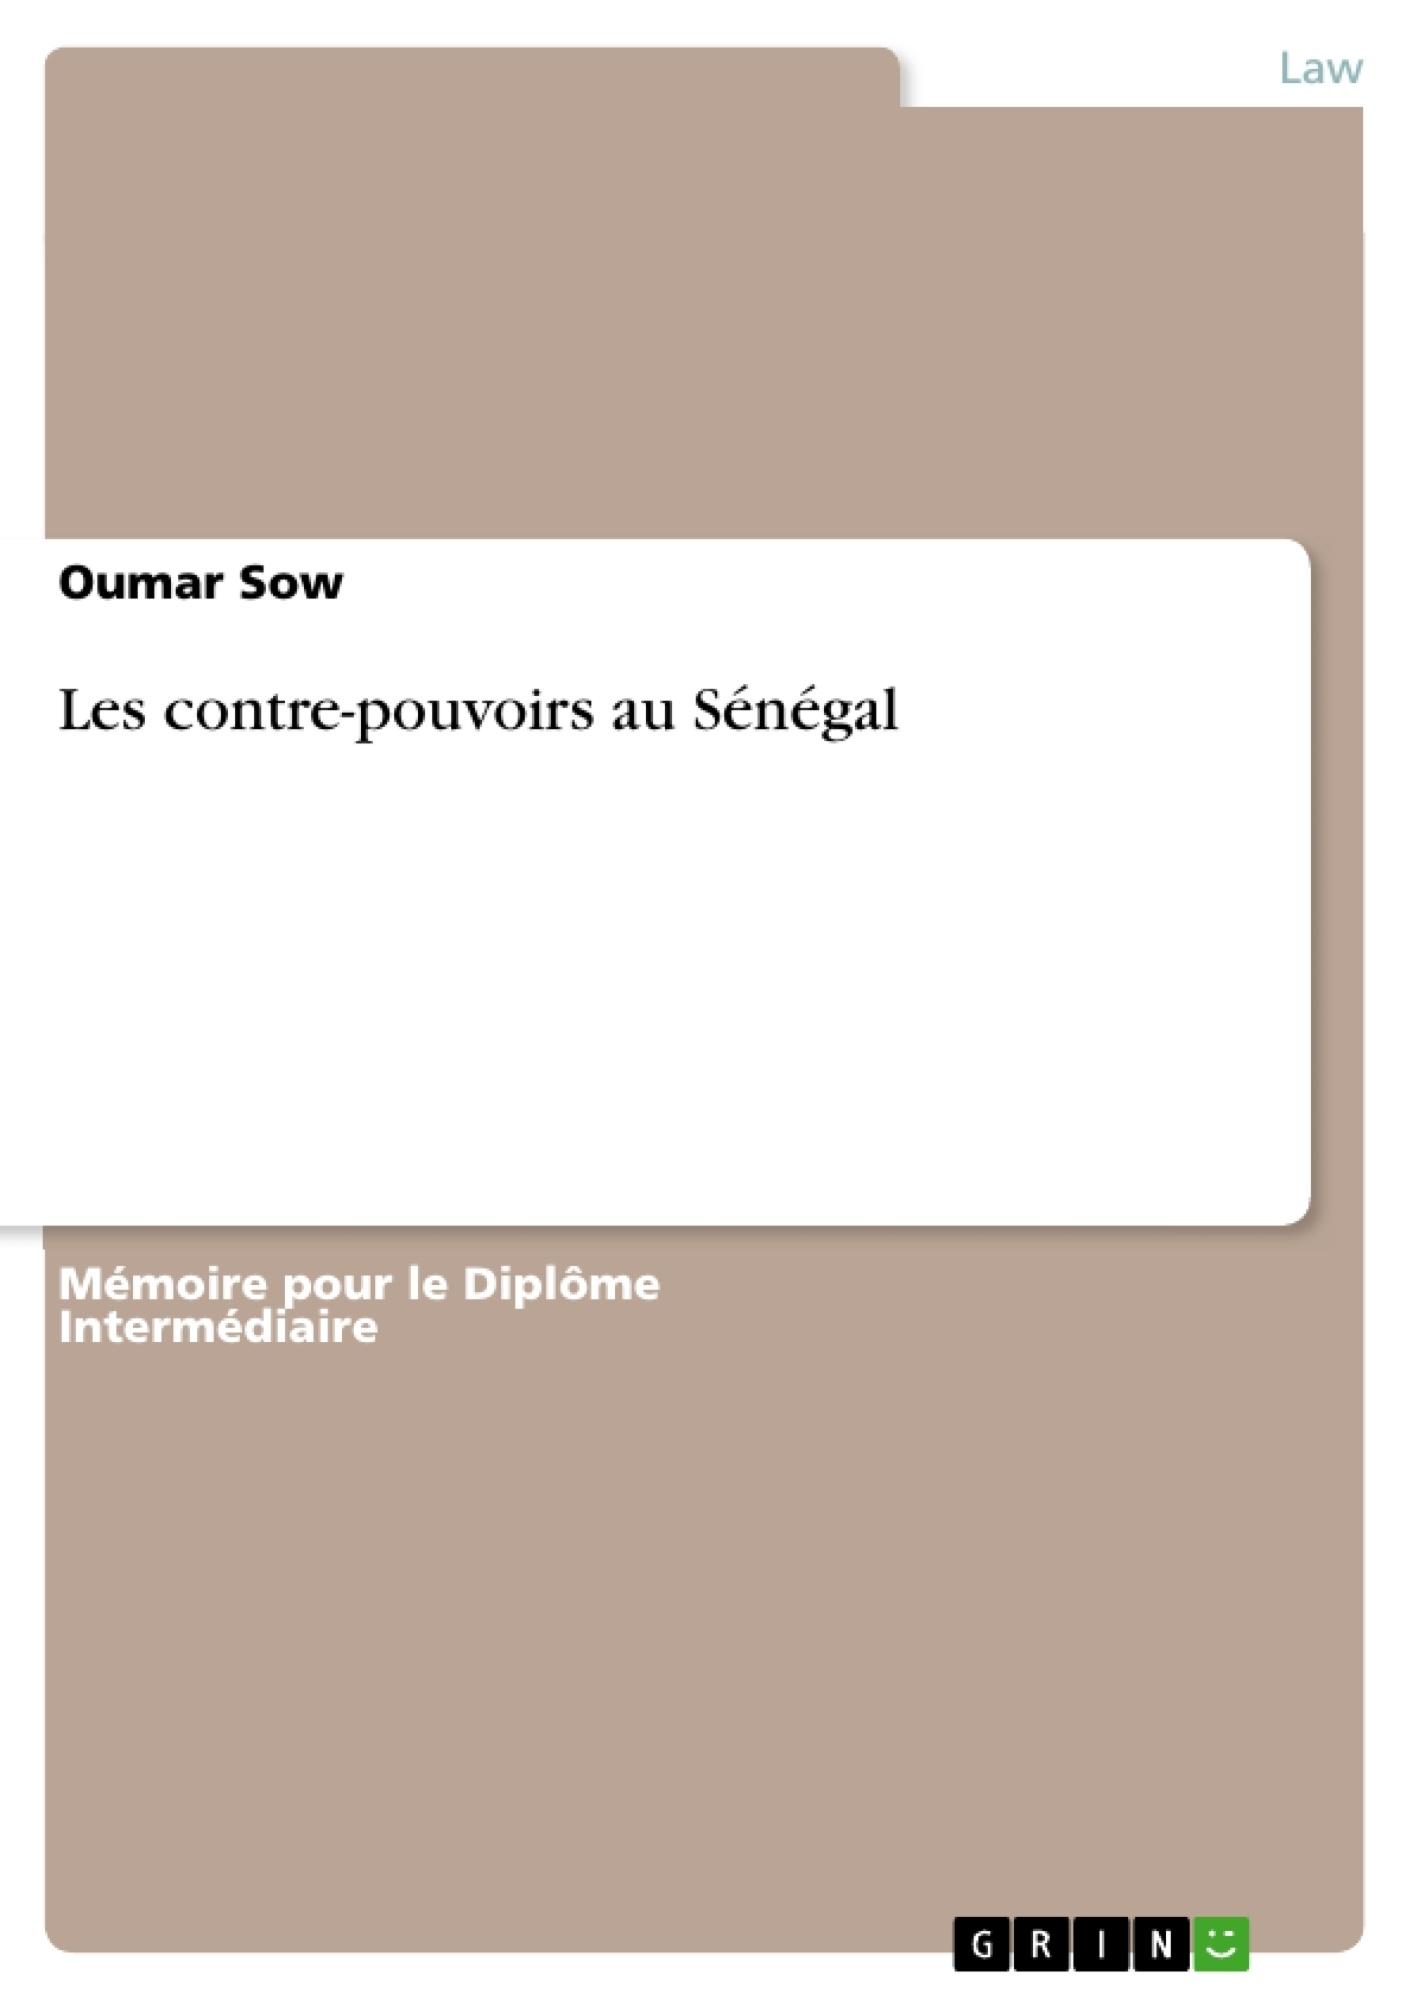 Titre: Les contre-pouvoirs au Sénégal